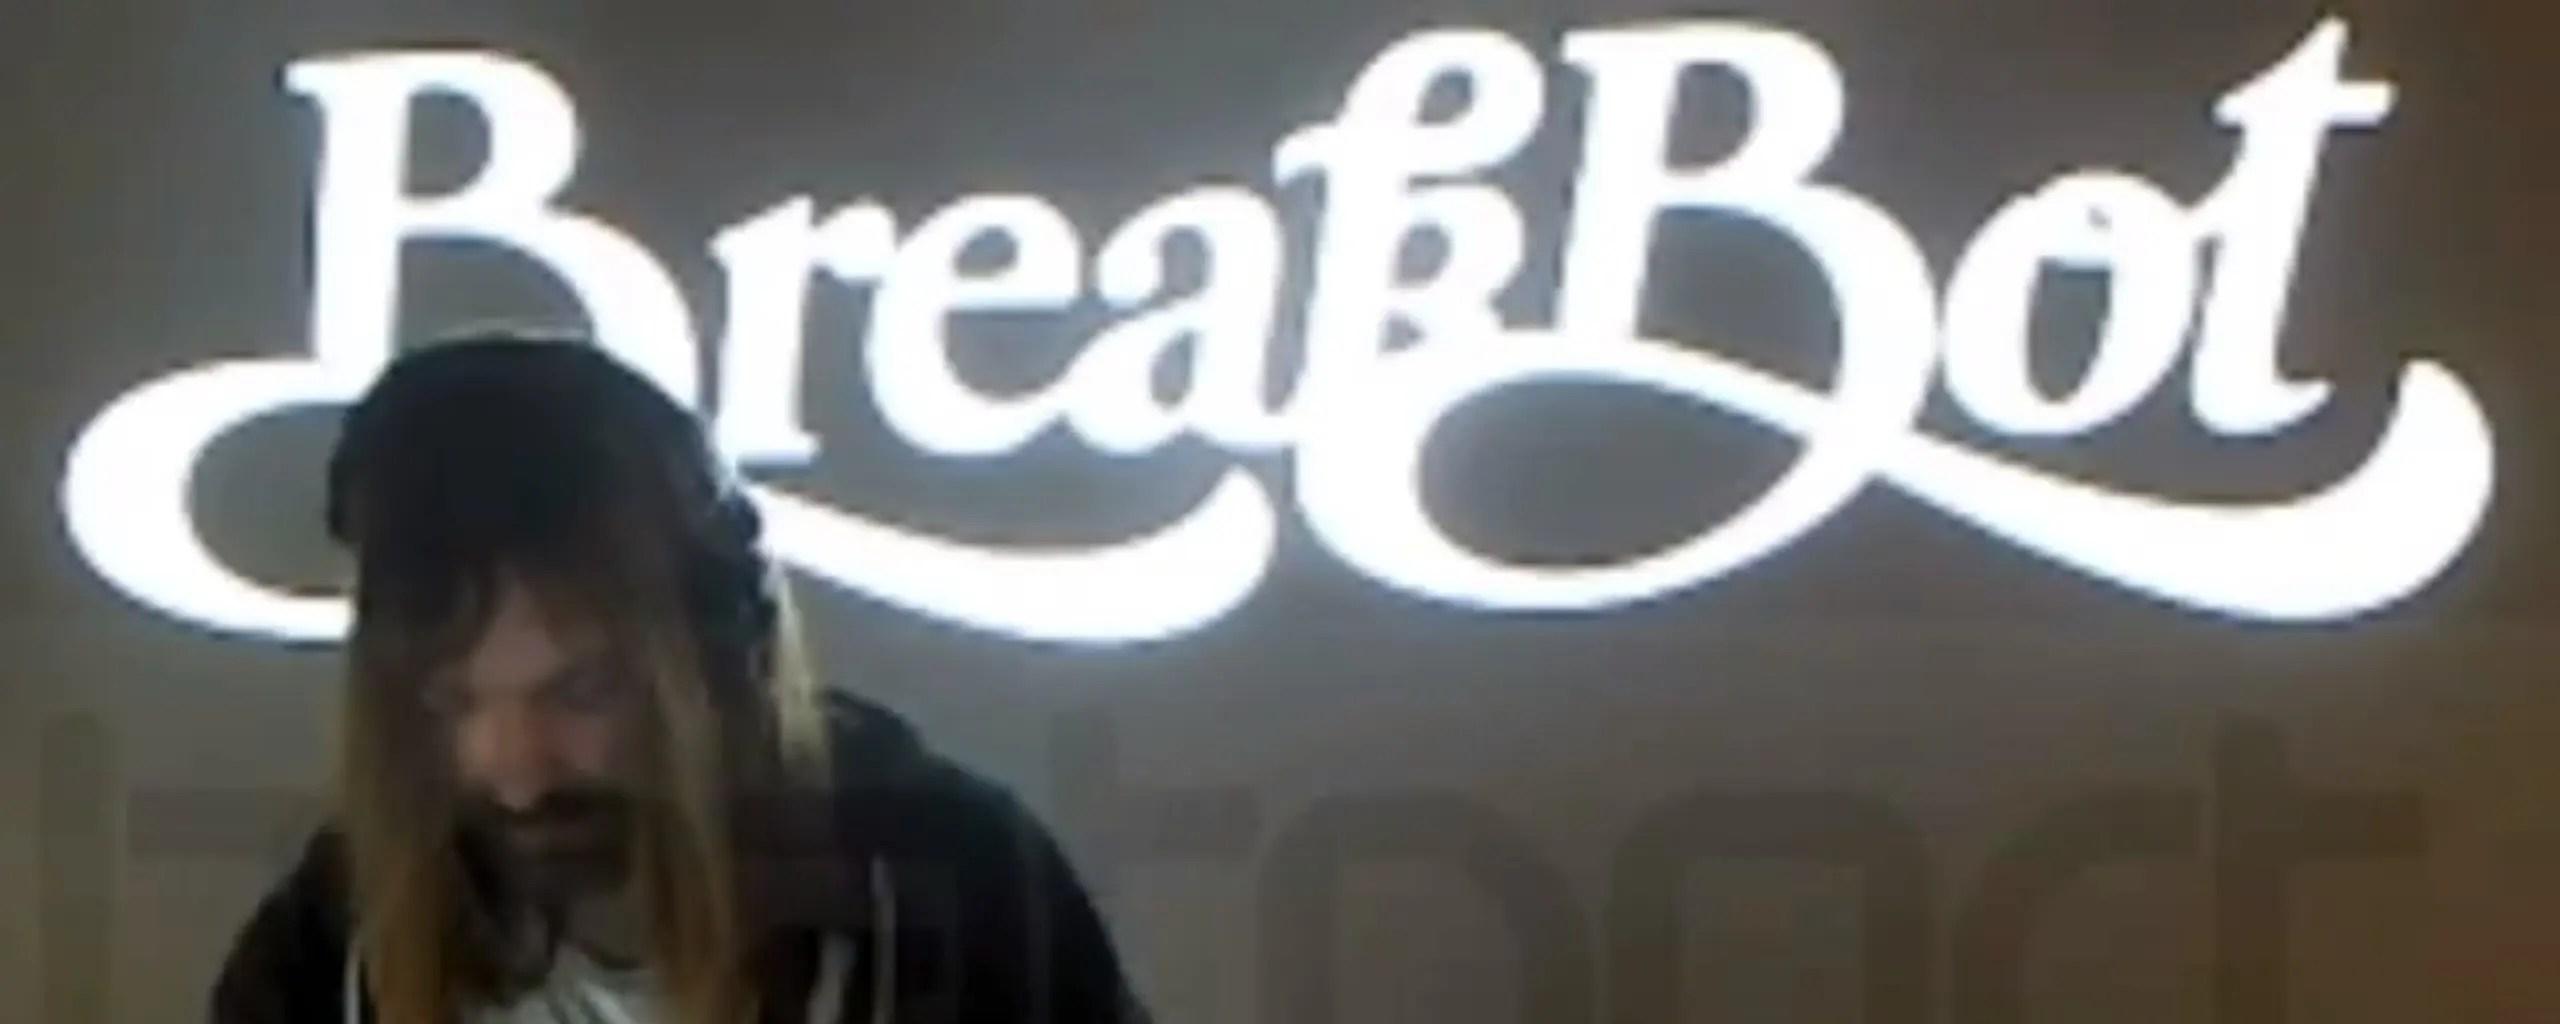 【必見】BreakBot のDJプレイ映像   意外とクール!!